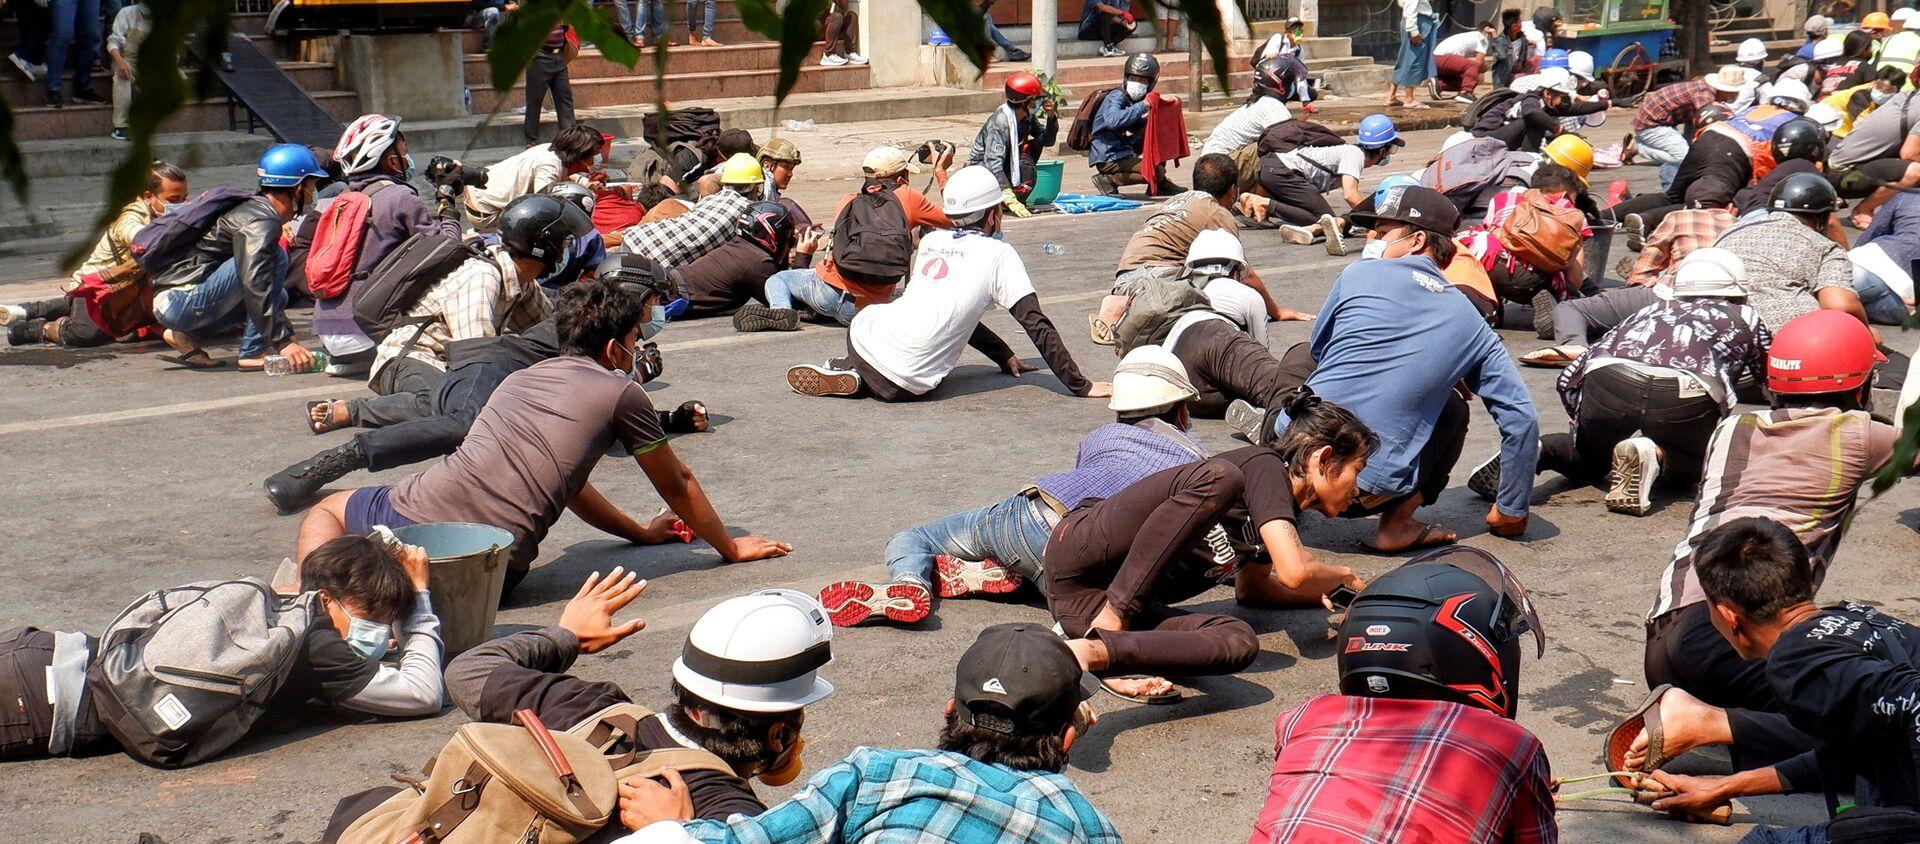 Người biểu tình nằm trên mặt đất vì cảnh sát nổ súng trong cuộc biểu tình ở Mandalay, Myanmar. - Sputnik Việt Nam, 1920, 03.03.2021